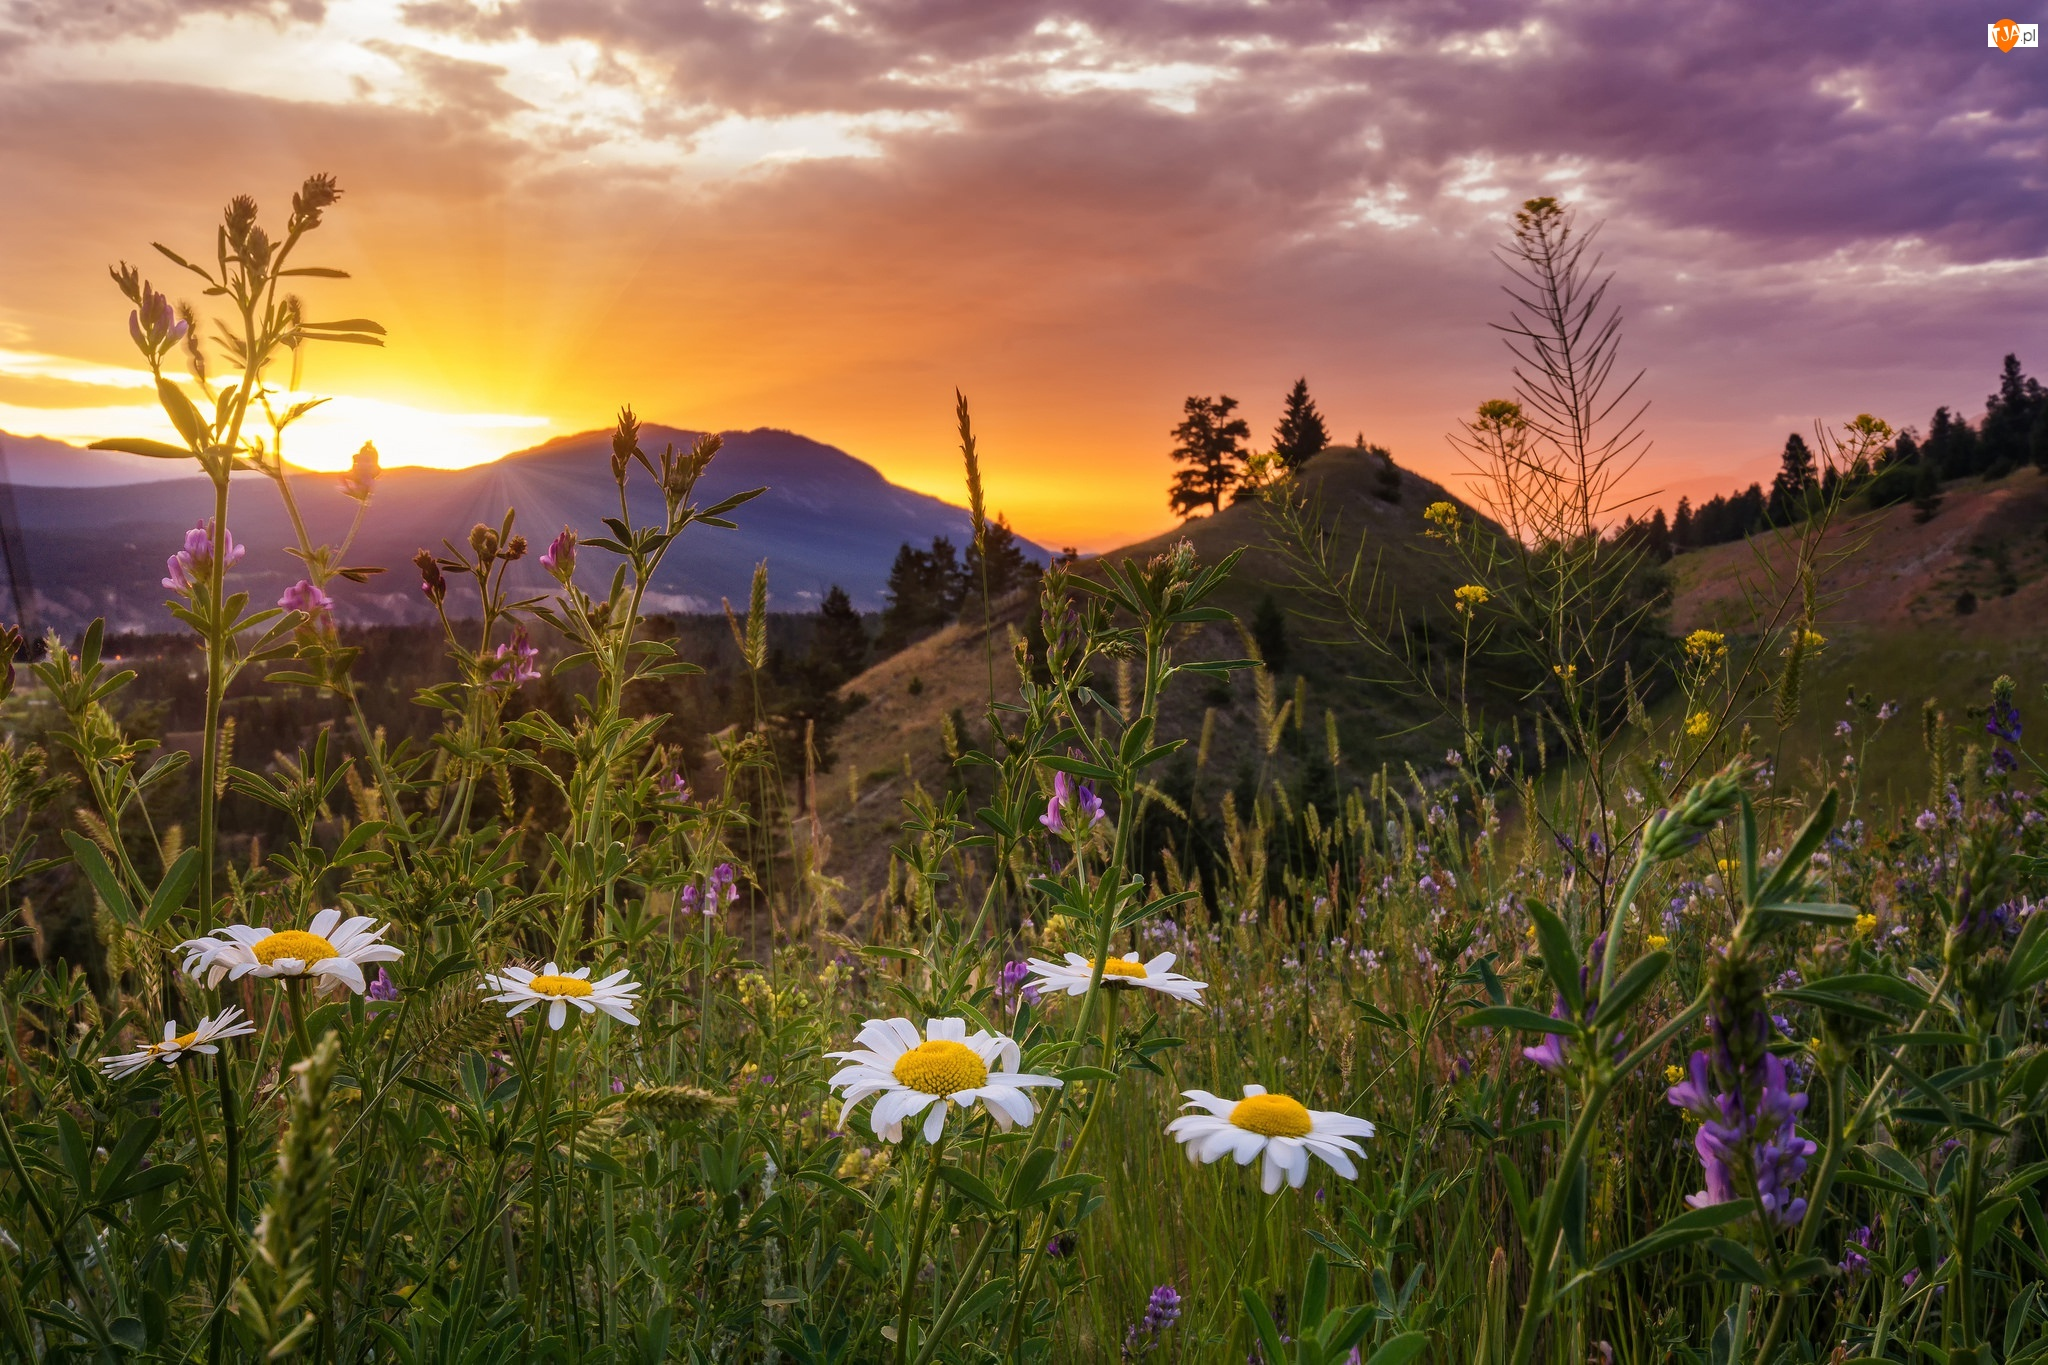 Łąka, Kwiaty, Park Narodowy Kootenay, Rumianek, Kanada, Zachód słońca, Góry, Polne